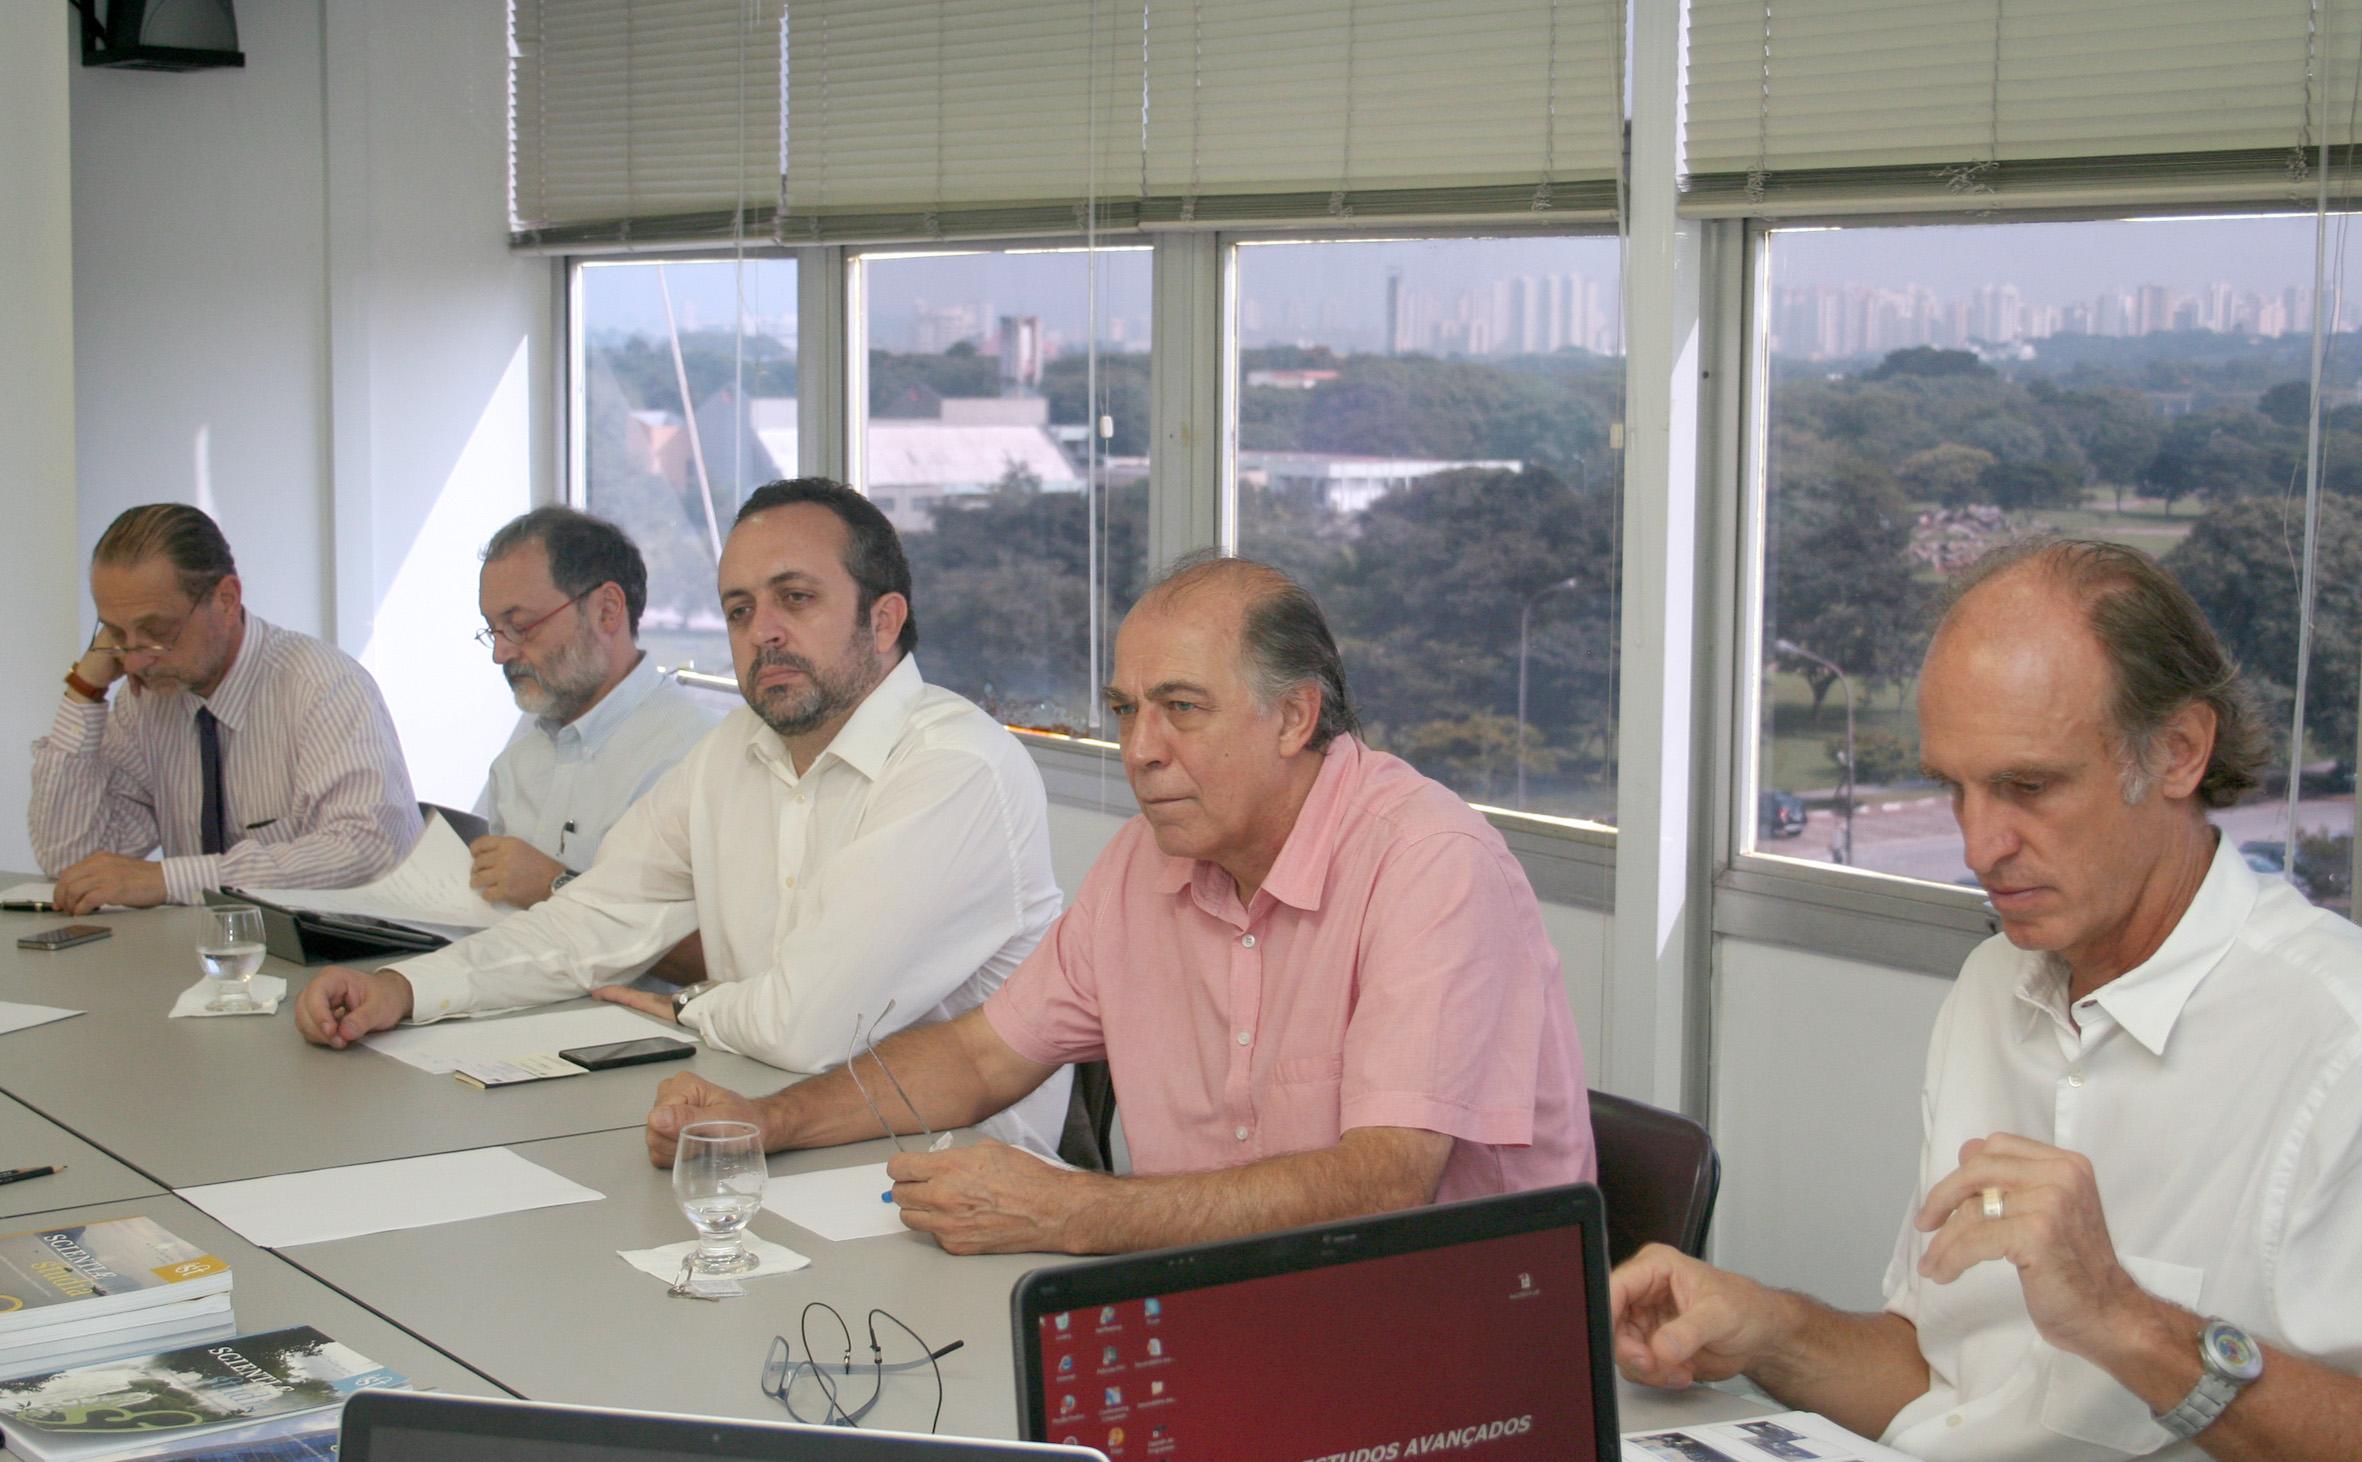 Claudio Possani, Antonio Carlos Vieira Coelho, Hamilton Varela de Albuquerque, Pablo Mariconda and Martin Grossmann